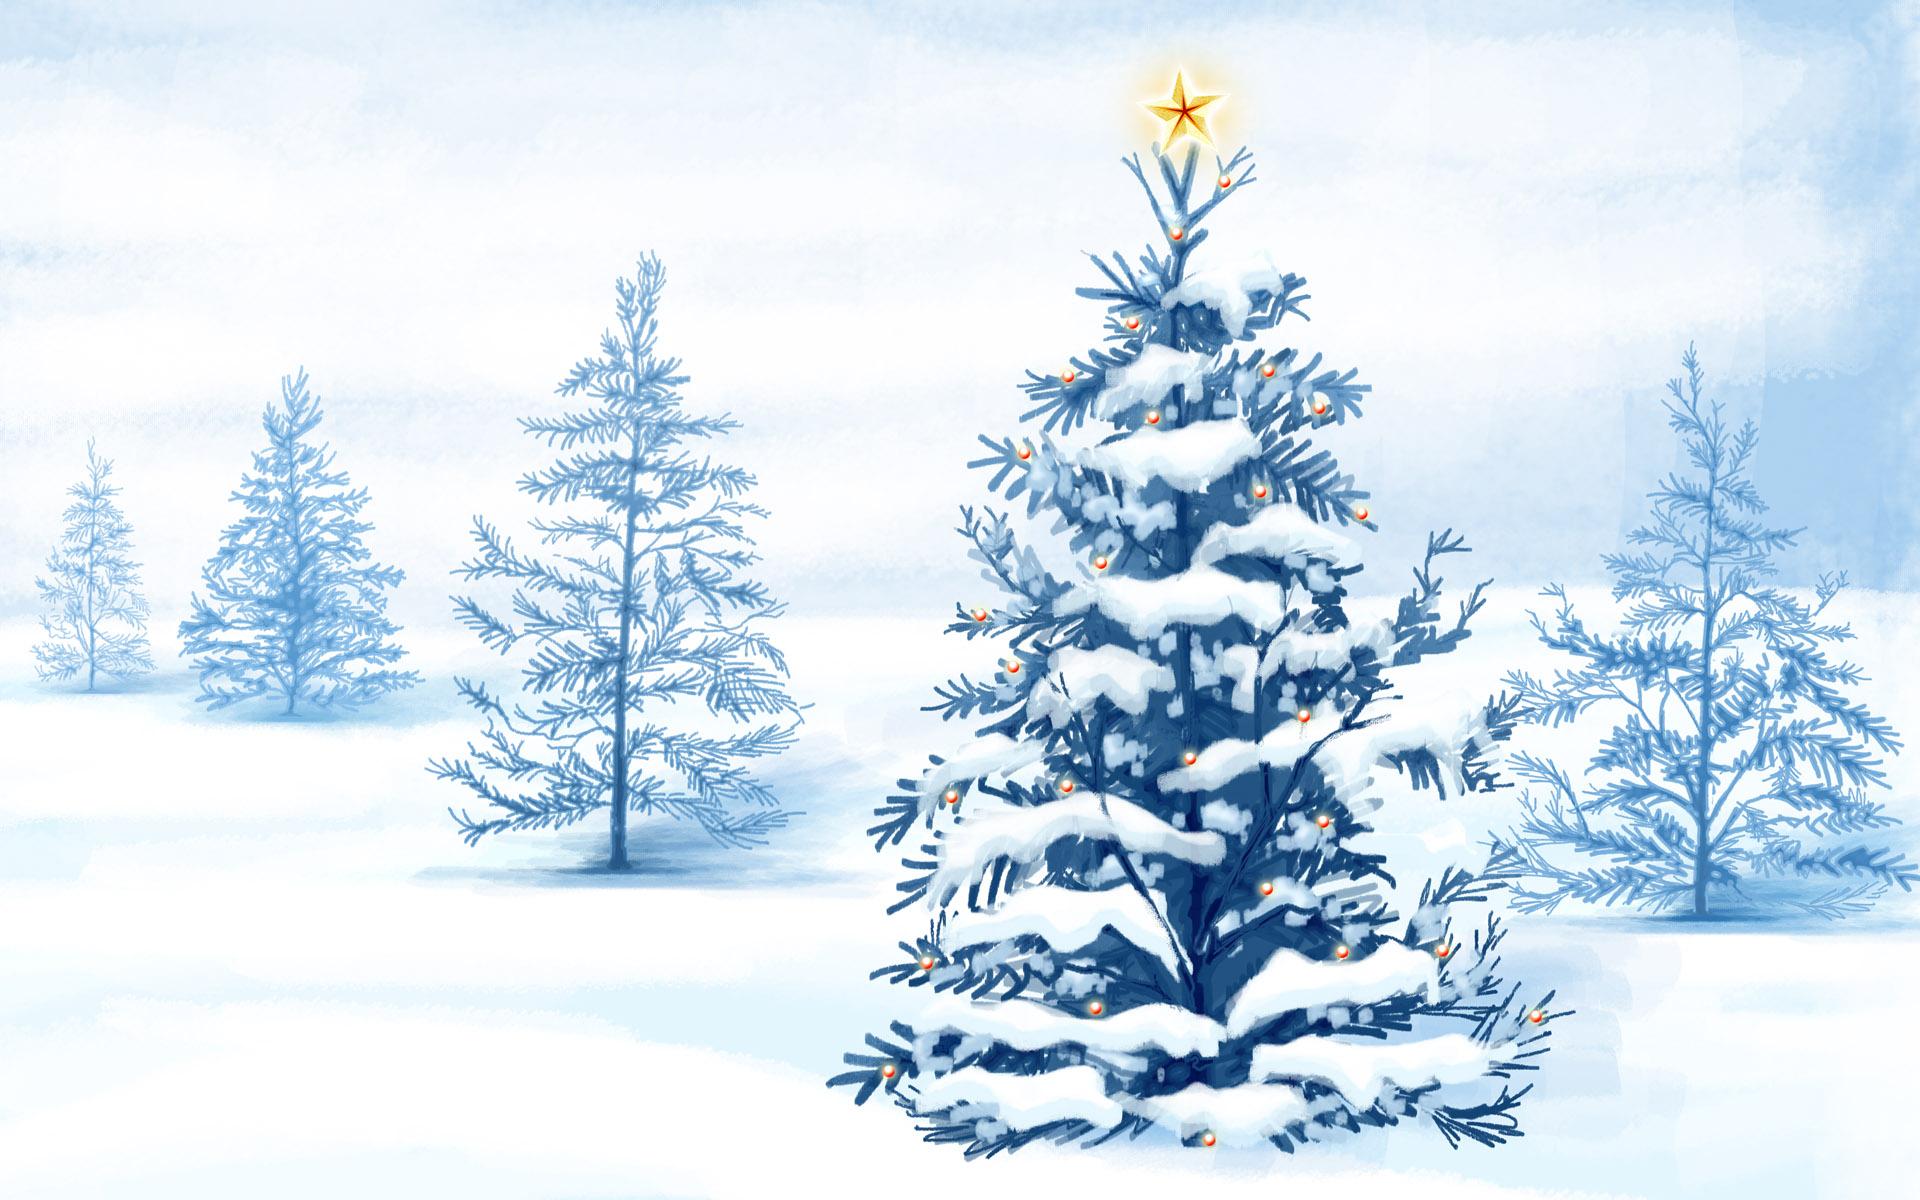 Immagini Di Natale Hd.Sfondi Desktop Hd Natale 2013 Alberi Di Natale Sfondi Hd